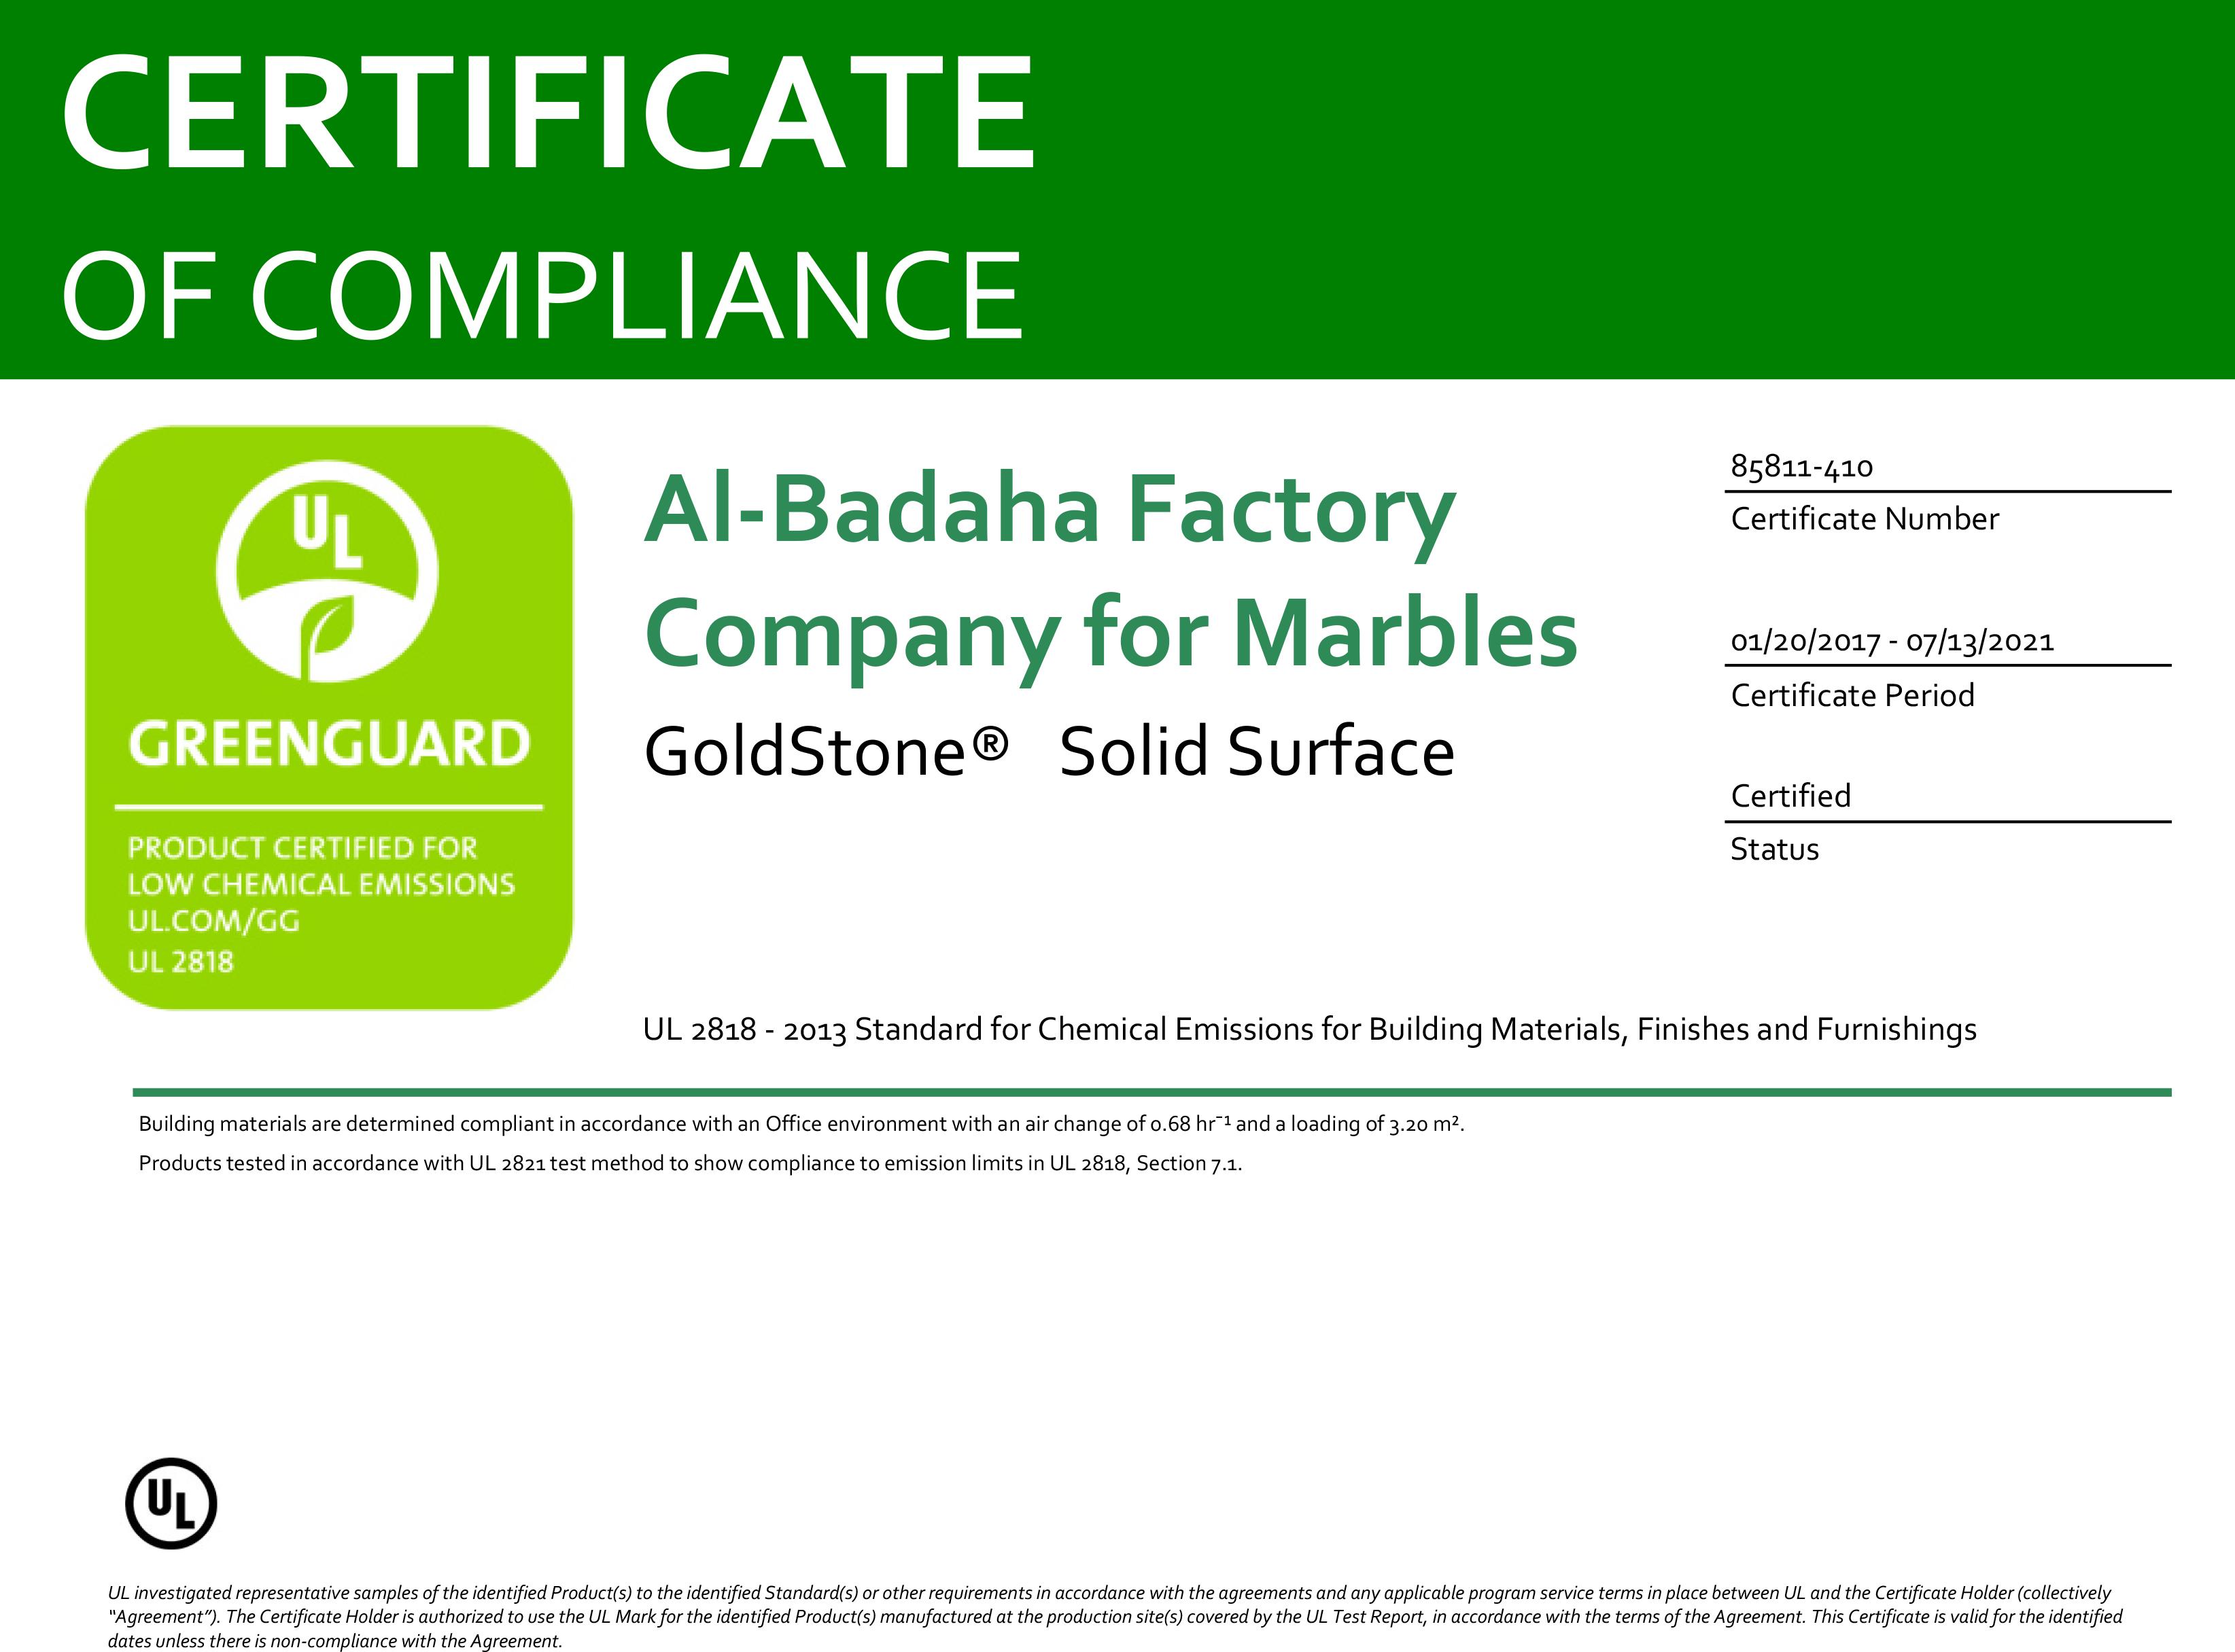 حائز على شهادة الآيزو العالمية للجودة ٩٠٠١:٢٠٠٨ Green بالأضافة إلى شهادة